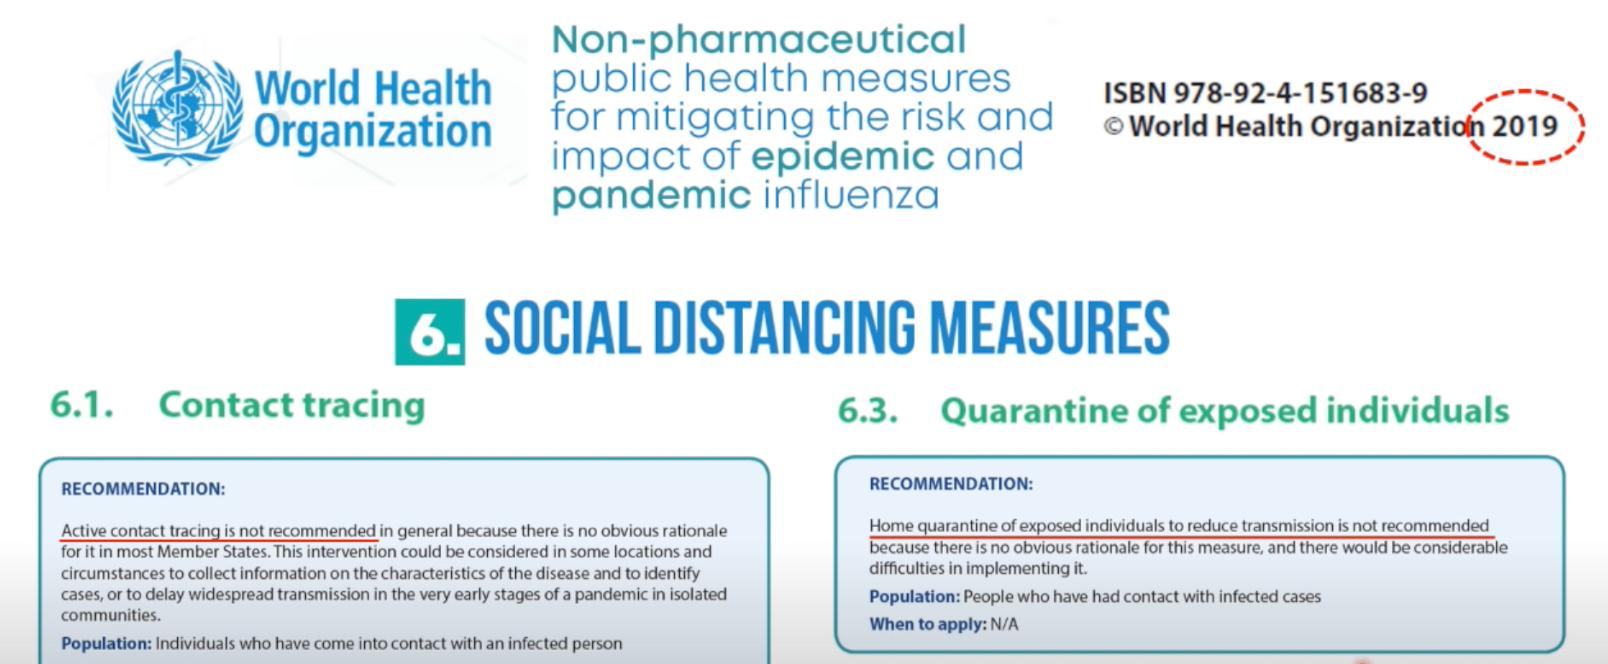 Source: World Health Organisation 2019